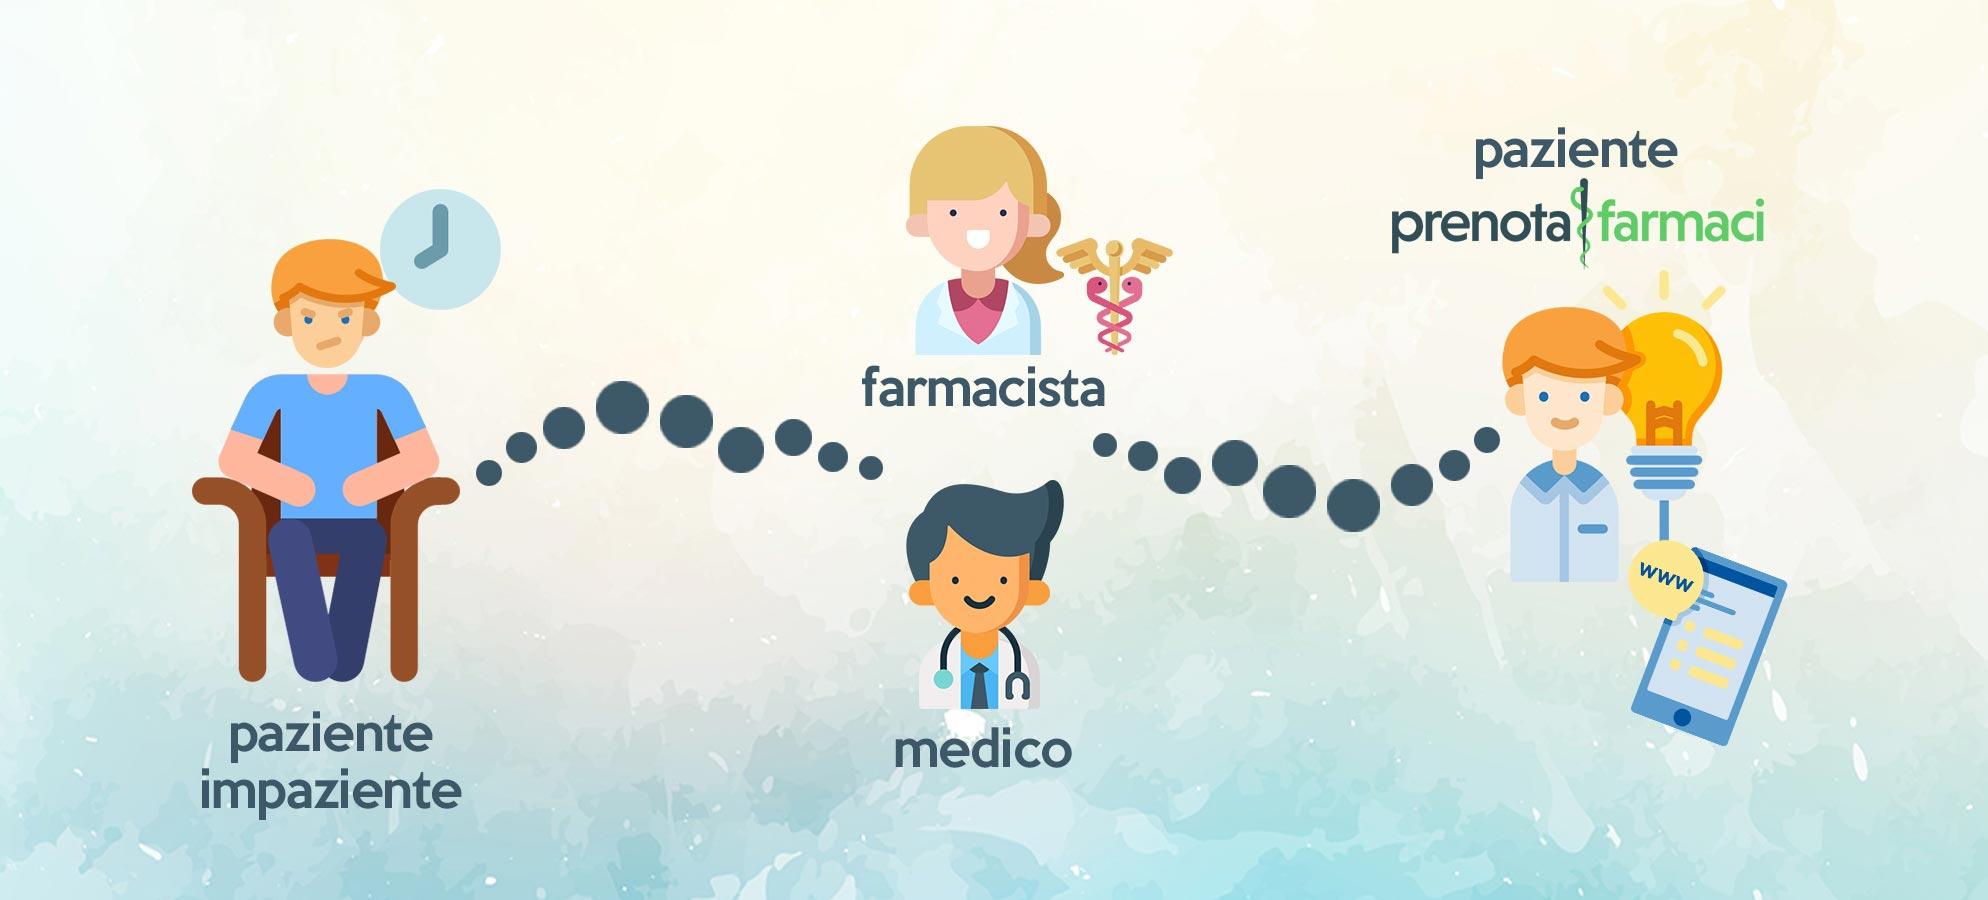 Prenota Farmaci | Pazienti impazienti